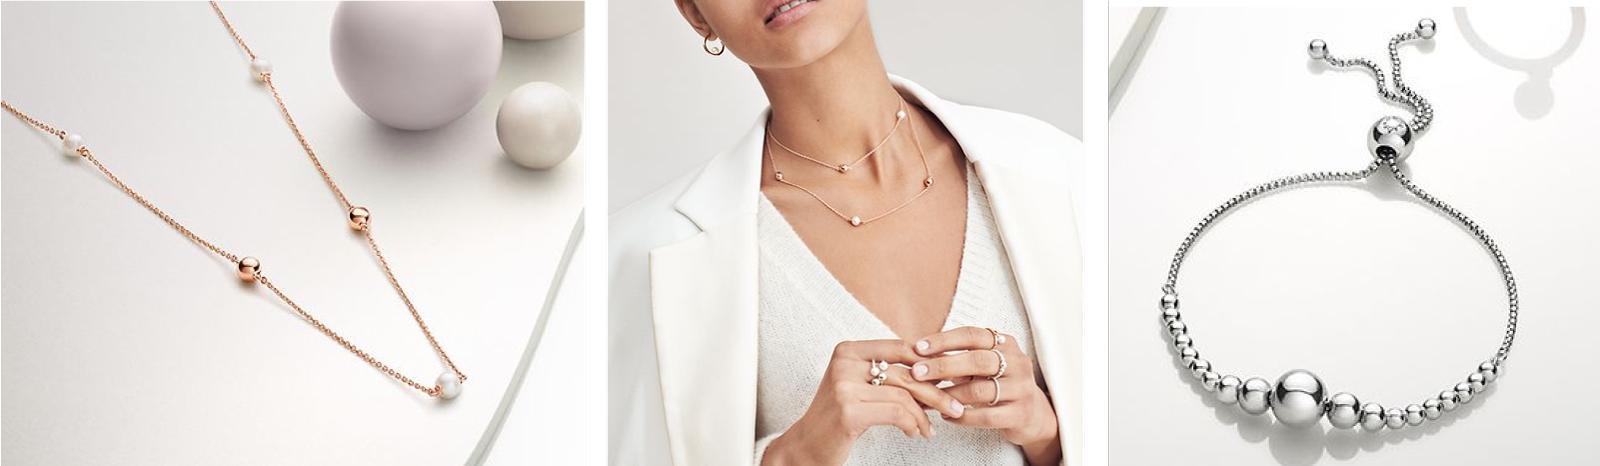 Purely-Pandora-stijlvolle-armbanden,-ringen,-oorbellen,-charms-kopen-bij-Wolters-Juweliers-Coevorden-Emmen